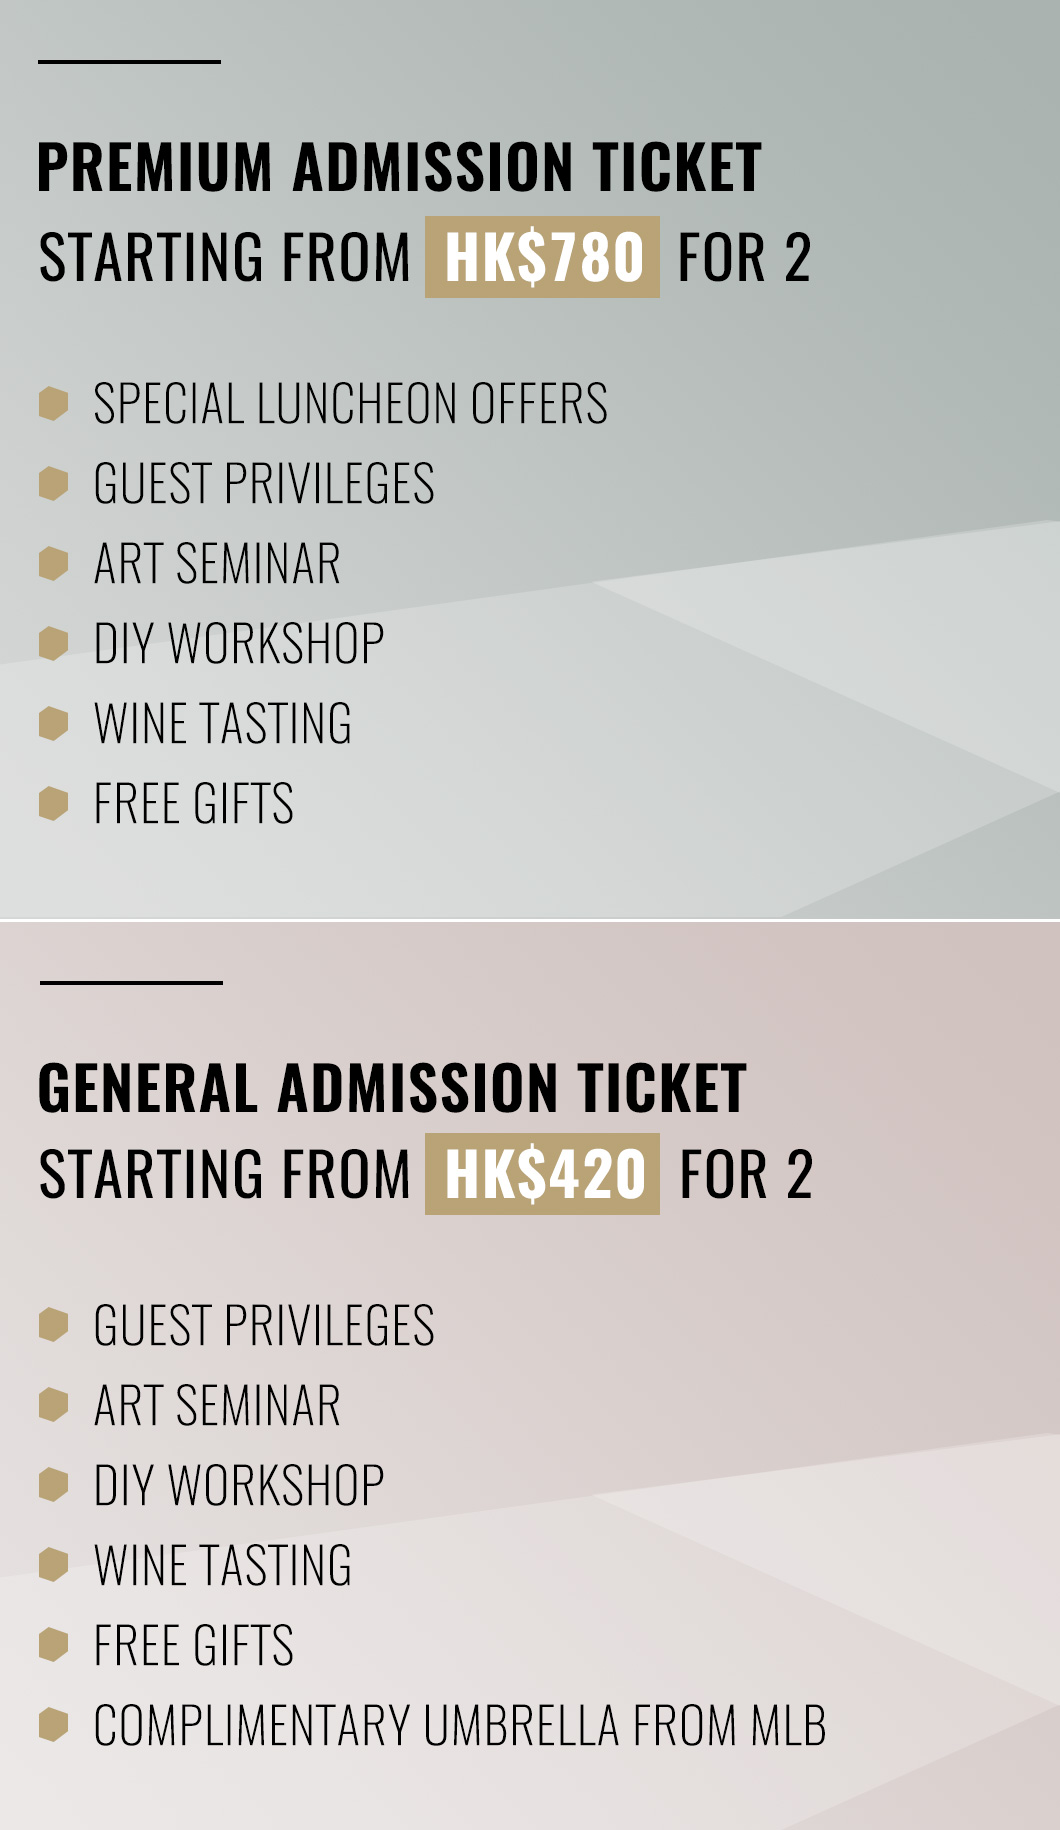 Premium/General Admission Ticket Price